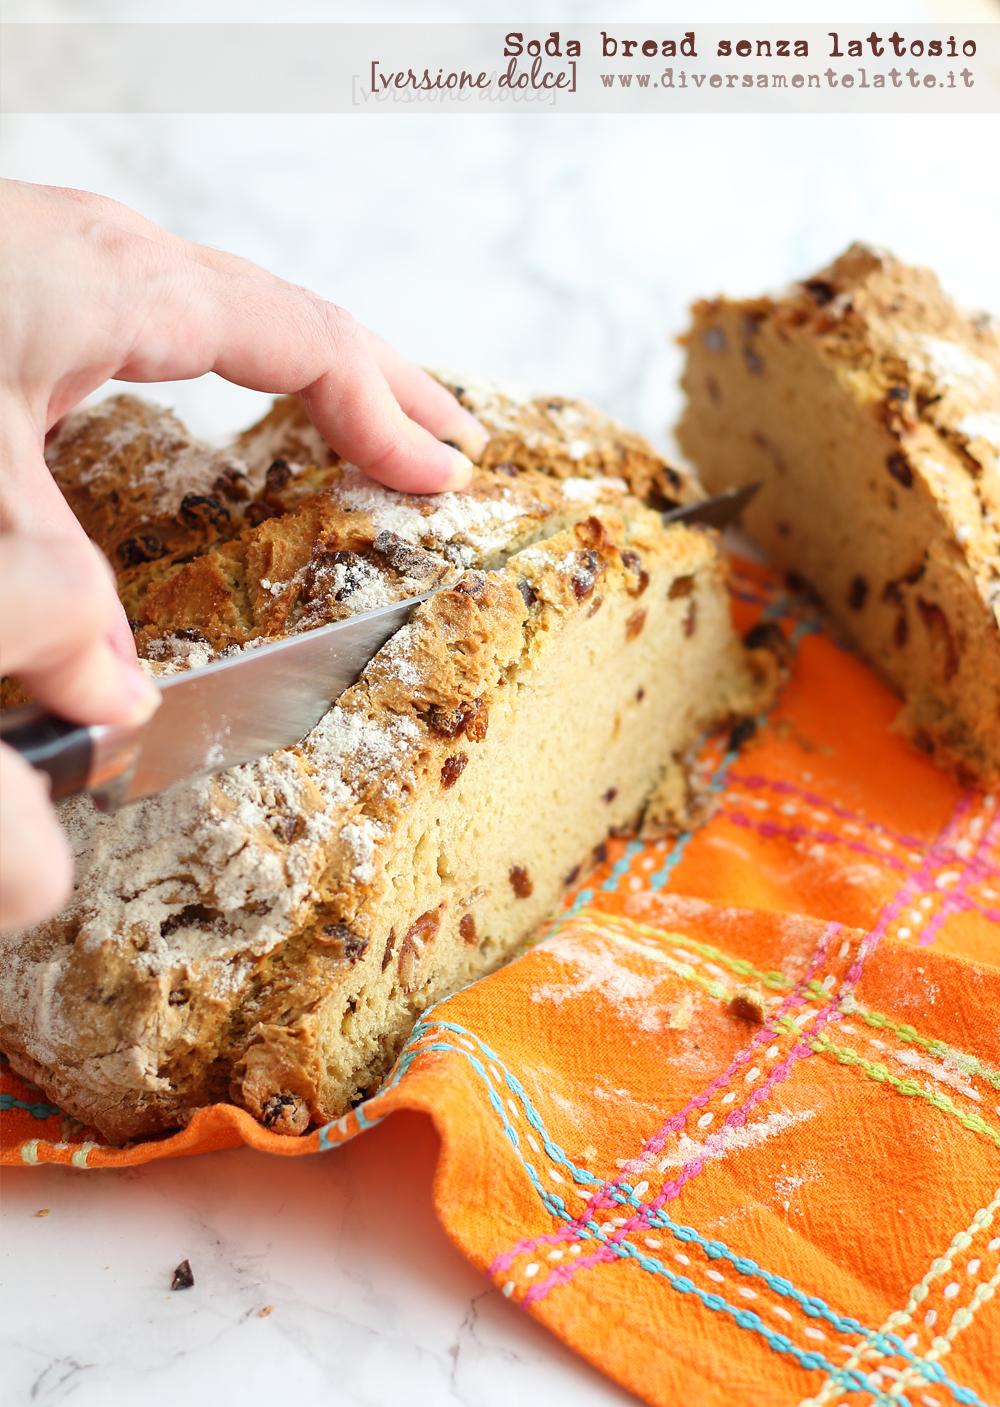 soda bread versione dolce